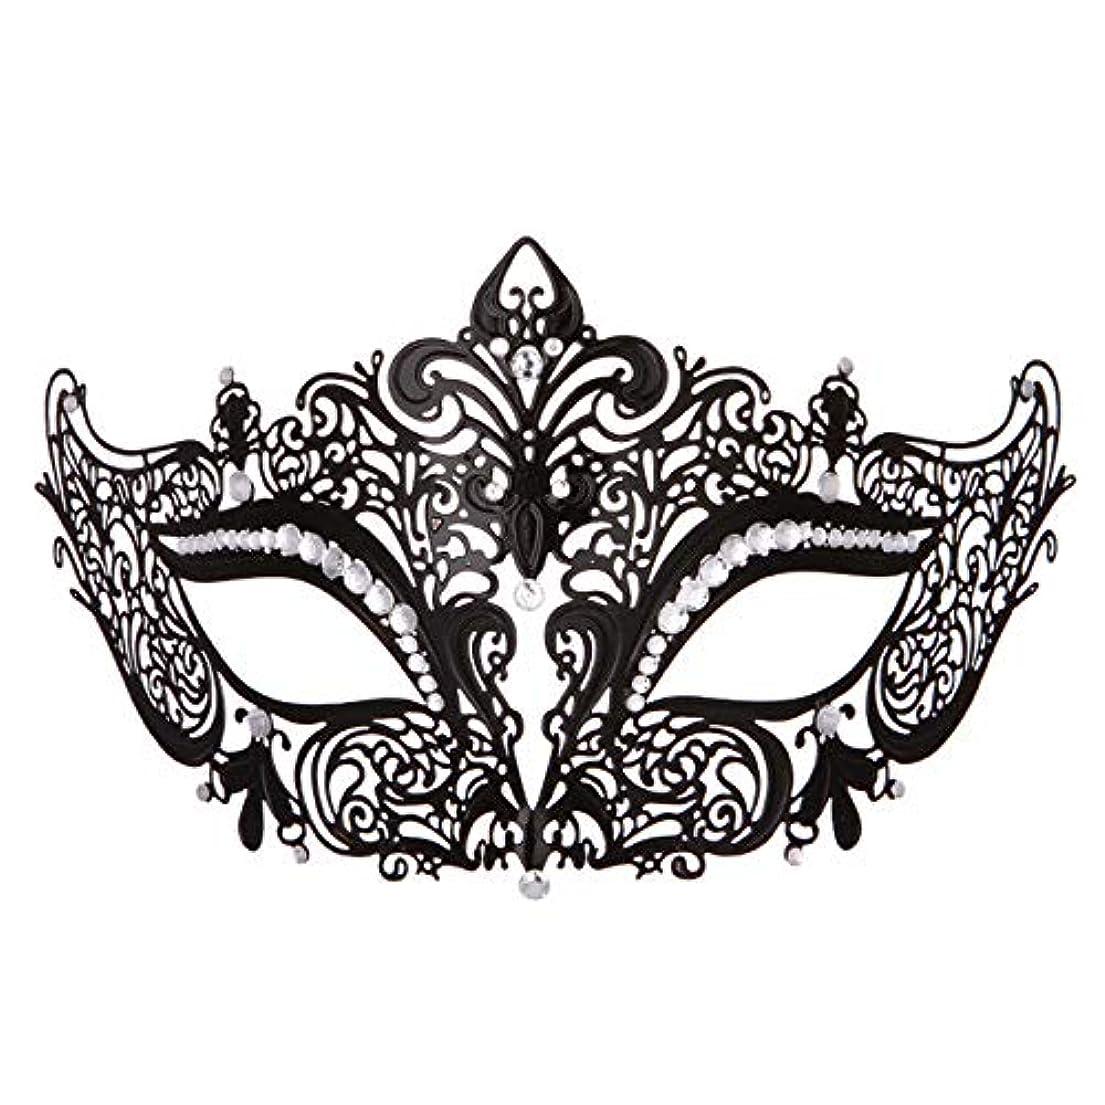 拡散する血カナダメタルマスク/ダイヤモンドカットマスク/アイアンマスクキャットヘッドブラック/ハロウィーン、パーティー、仮面舞踏会、お祝いマスク